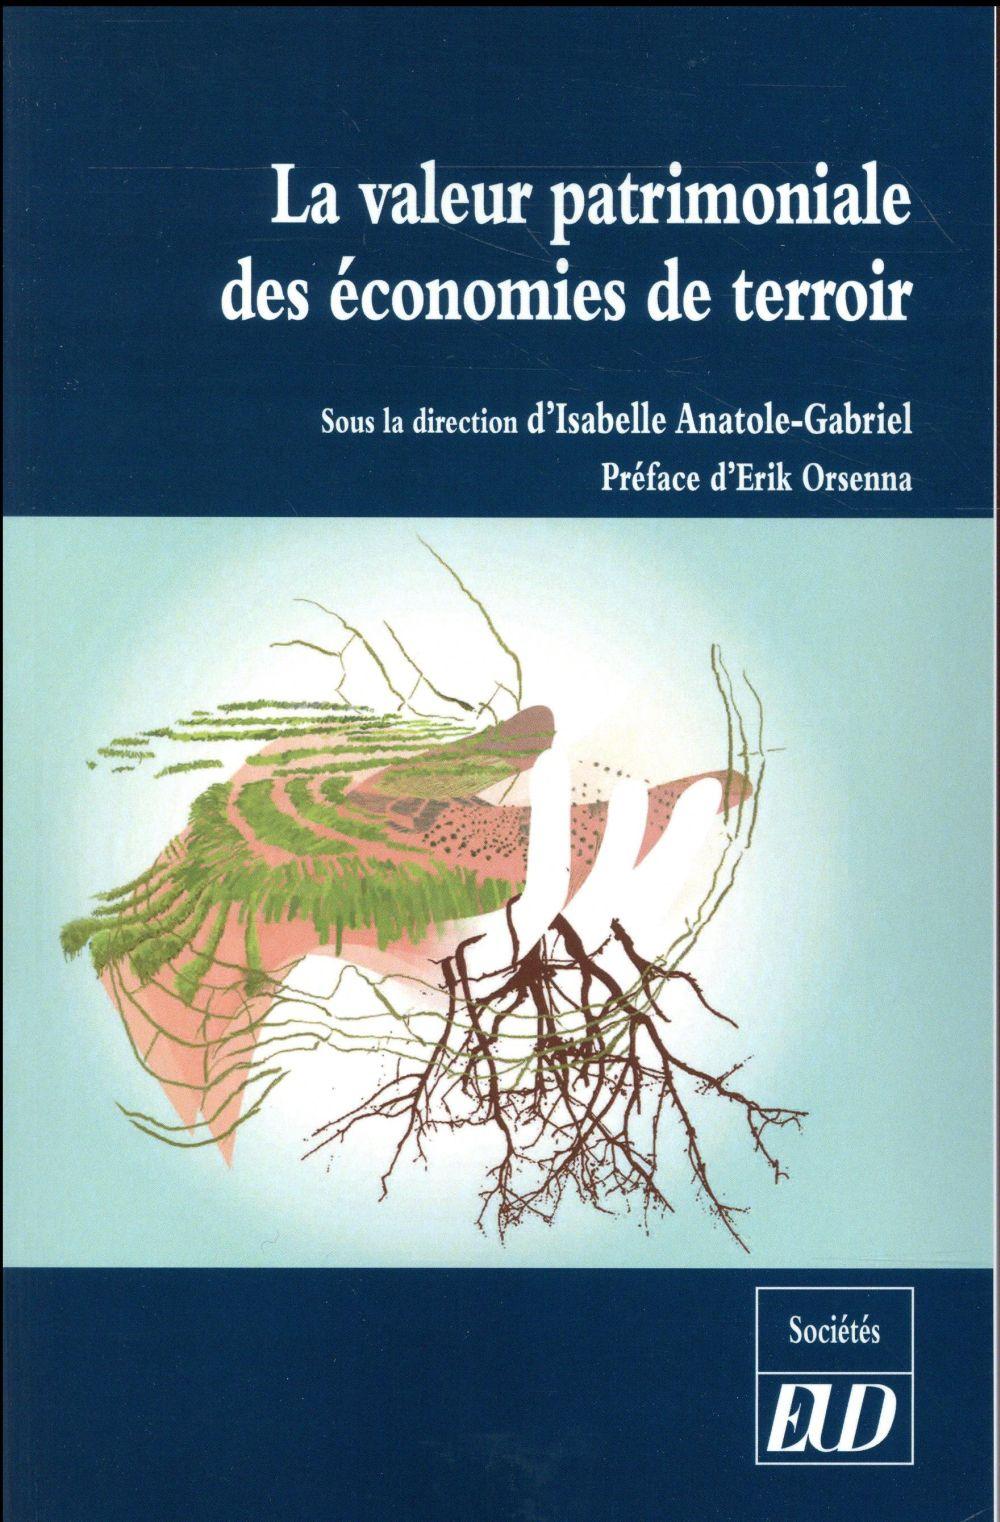 VALEUR PATRIMONIALE DES ECONOMIES DE TERROIR